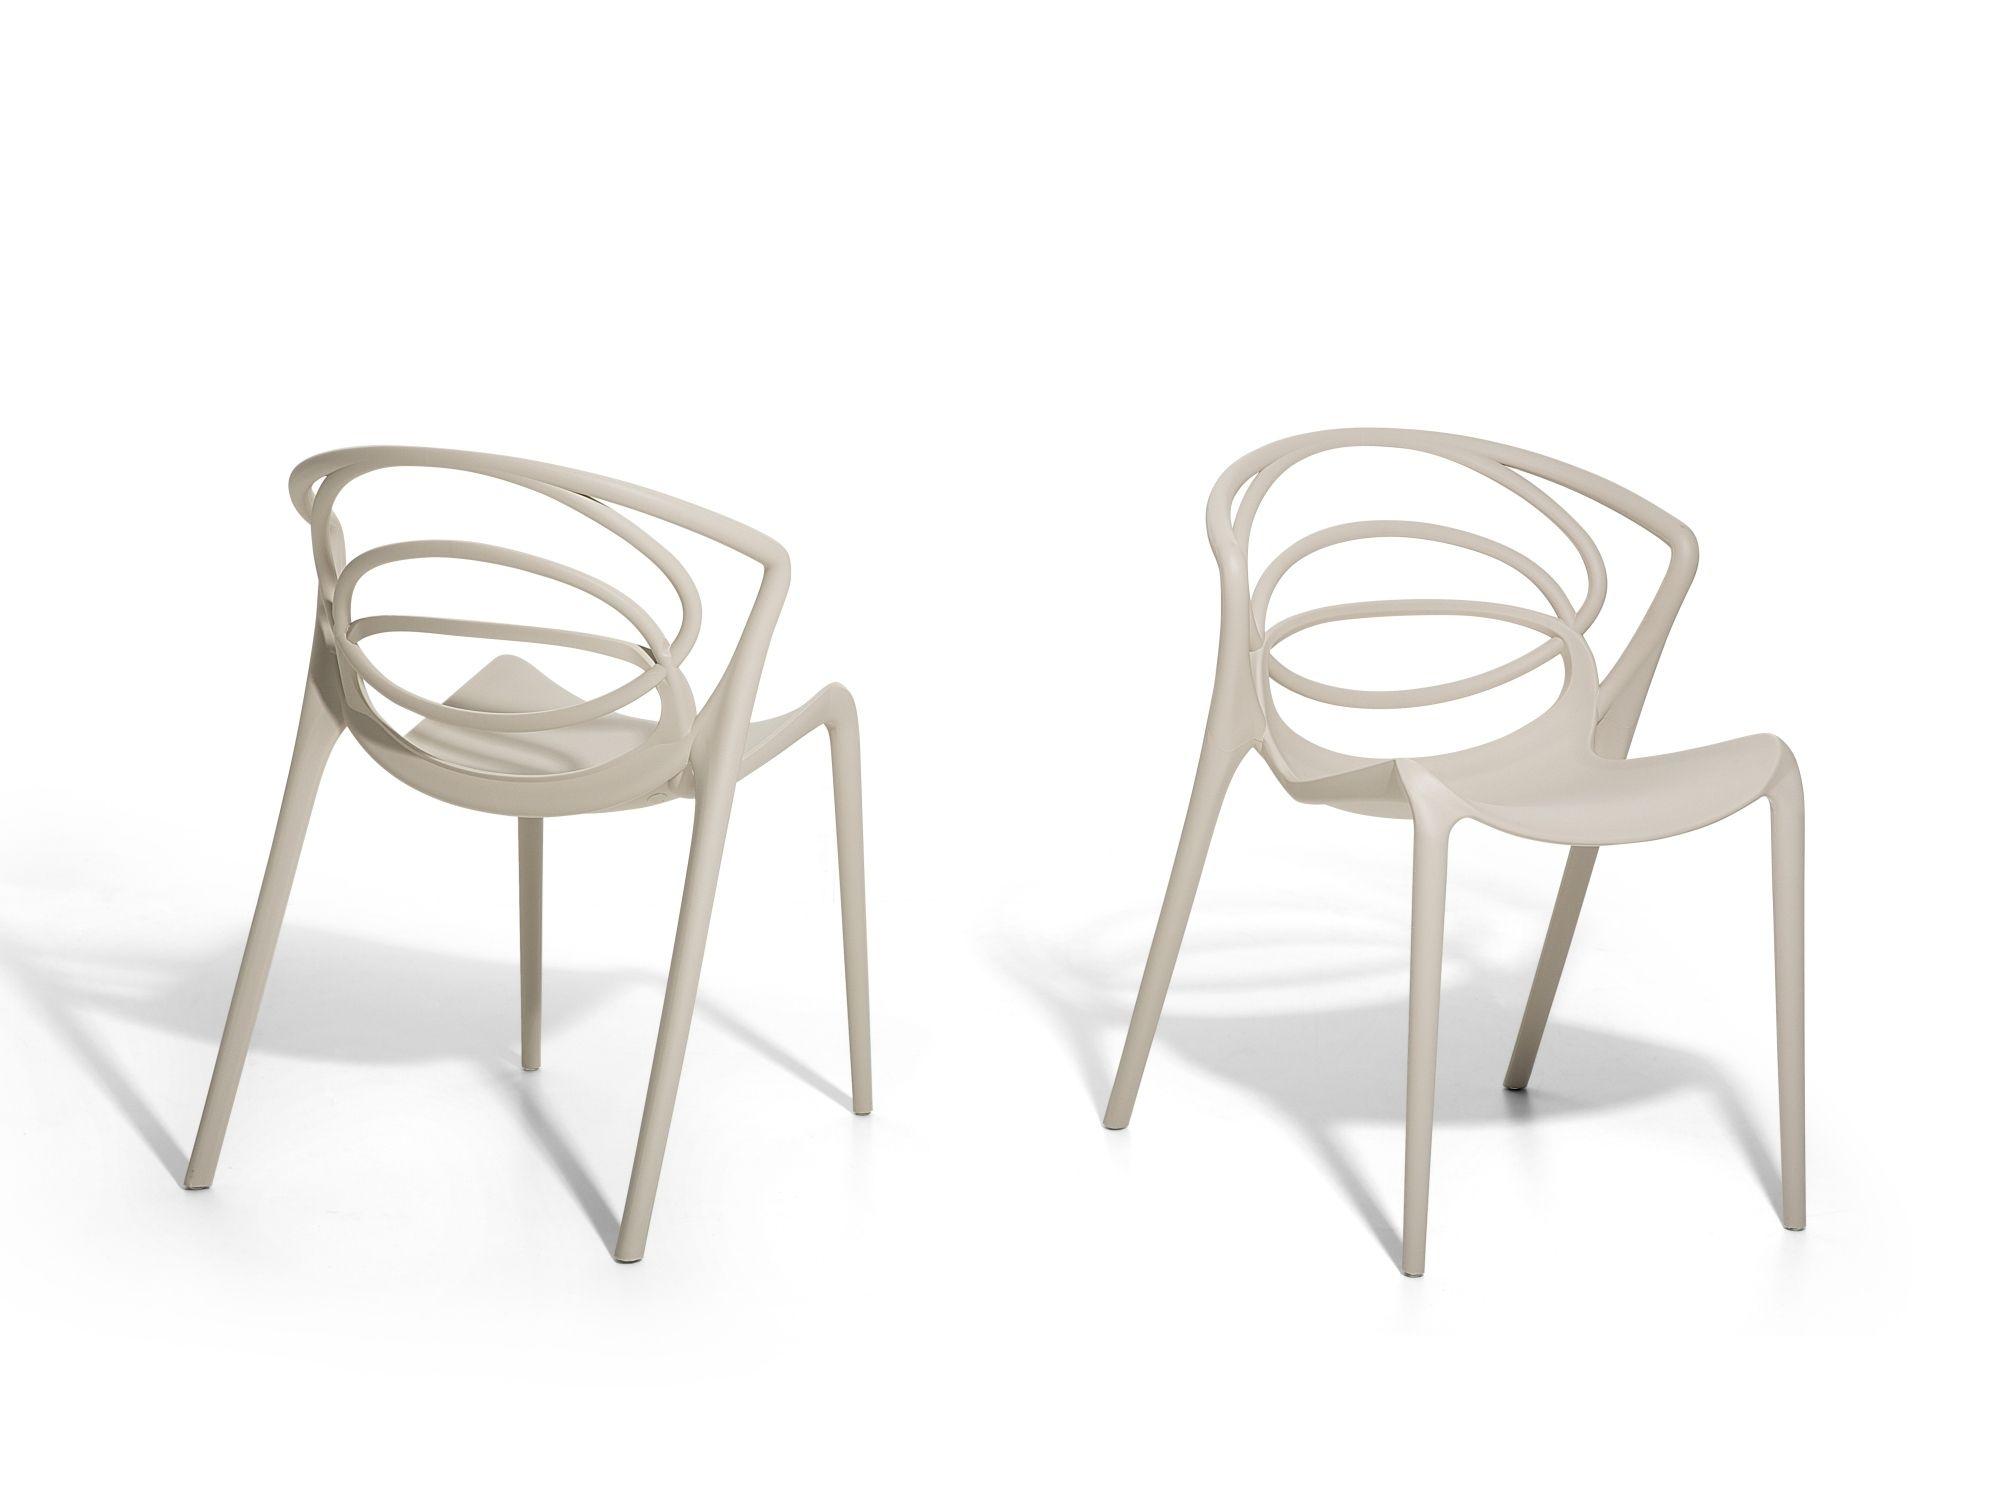 Chaise de jardin design - siège en plastique beige BEND | idées ...